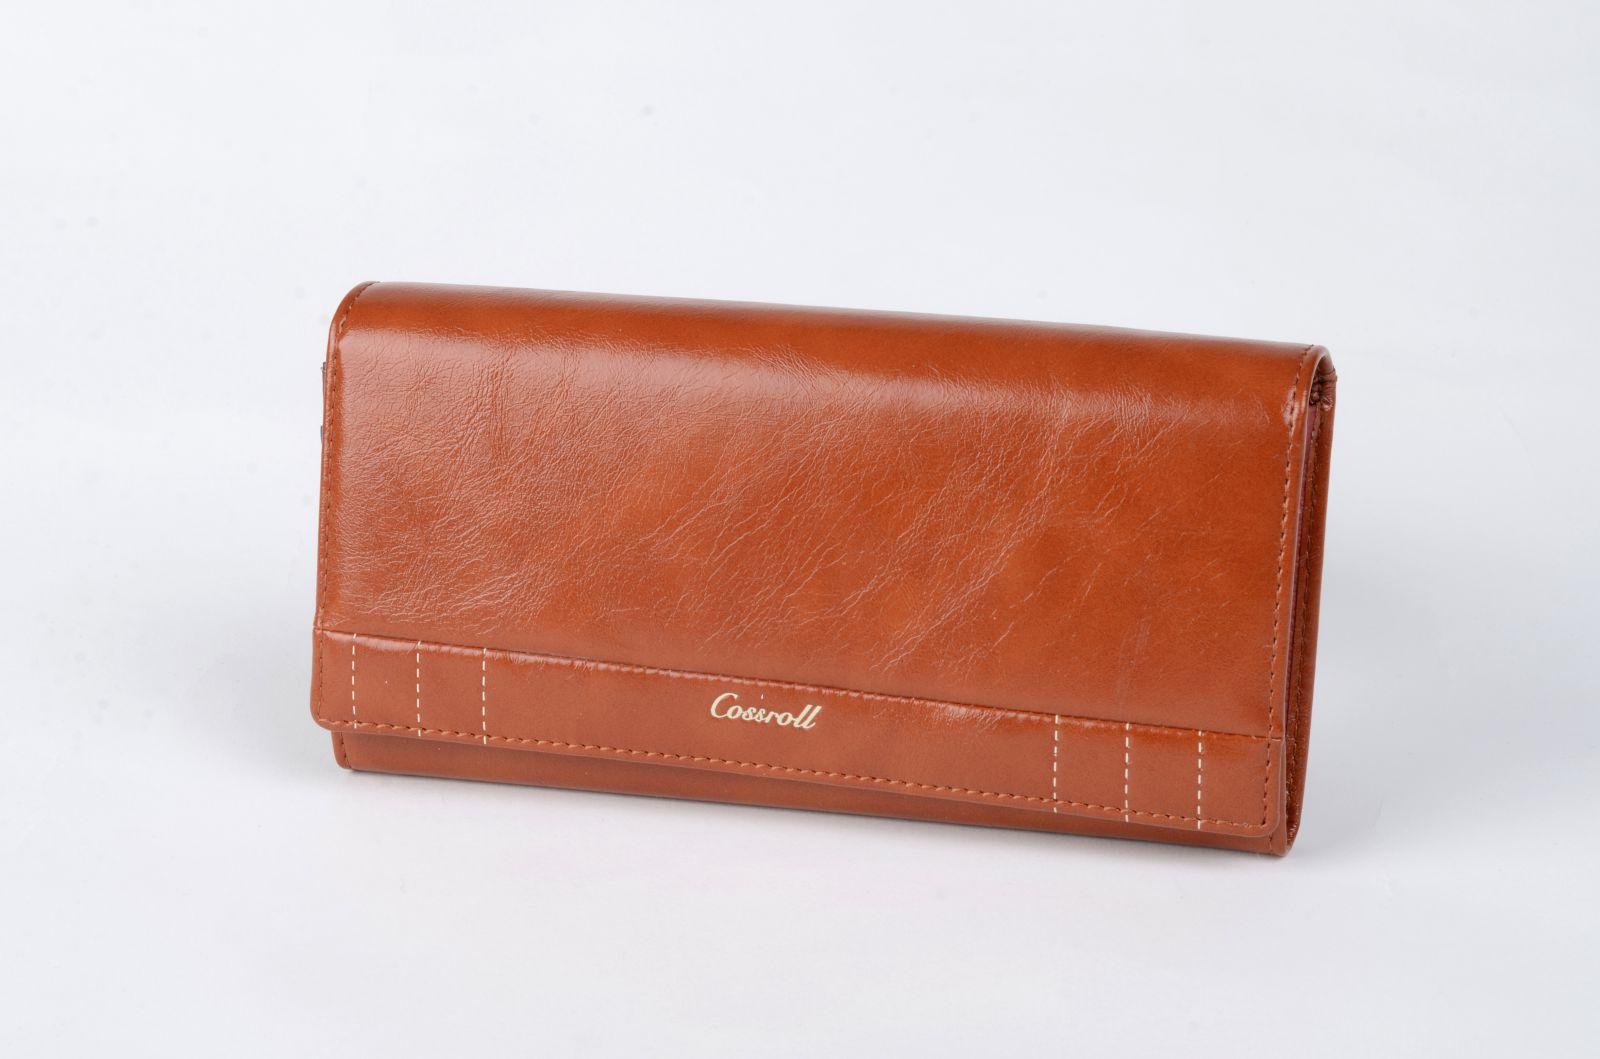 Dámská peněženka Cossroll hnědá A03-5242F